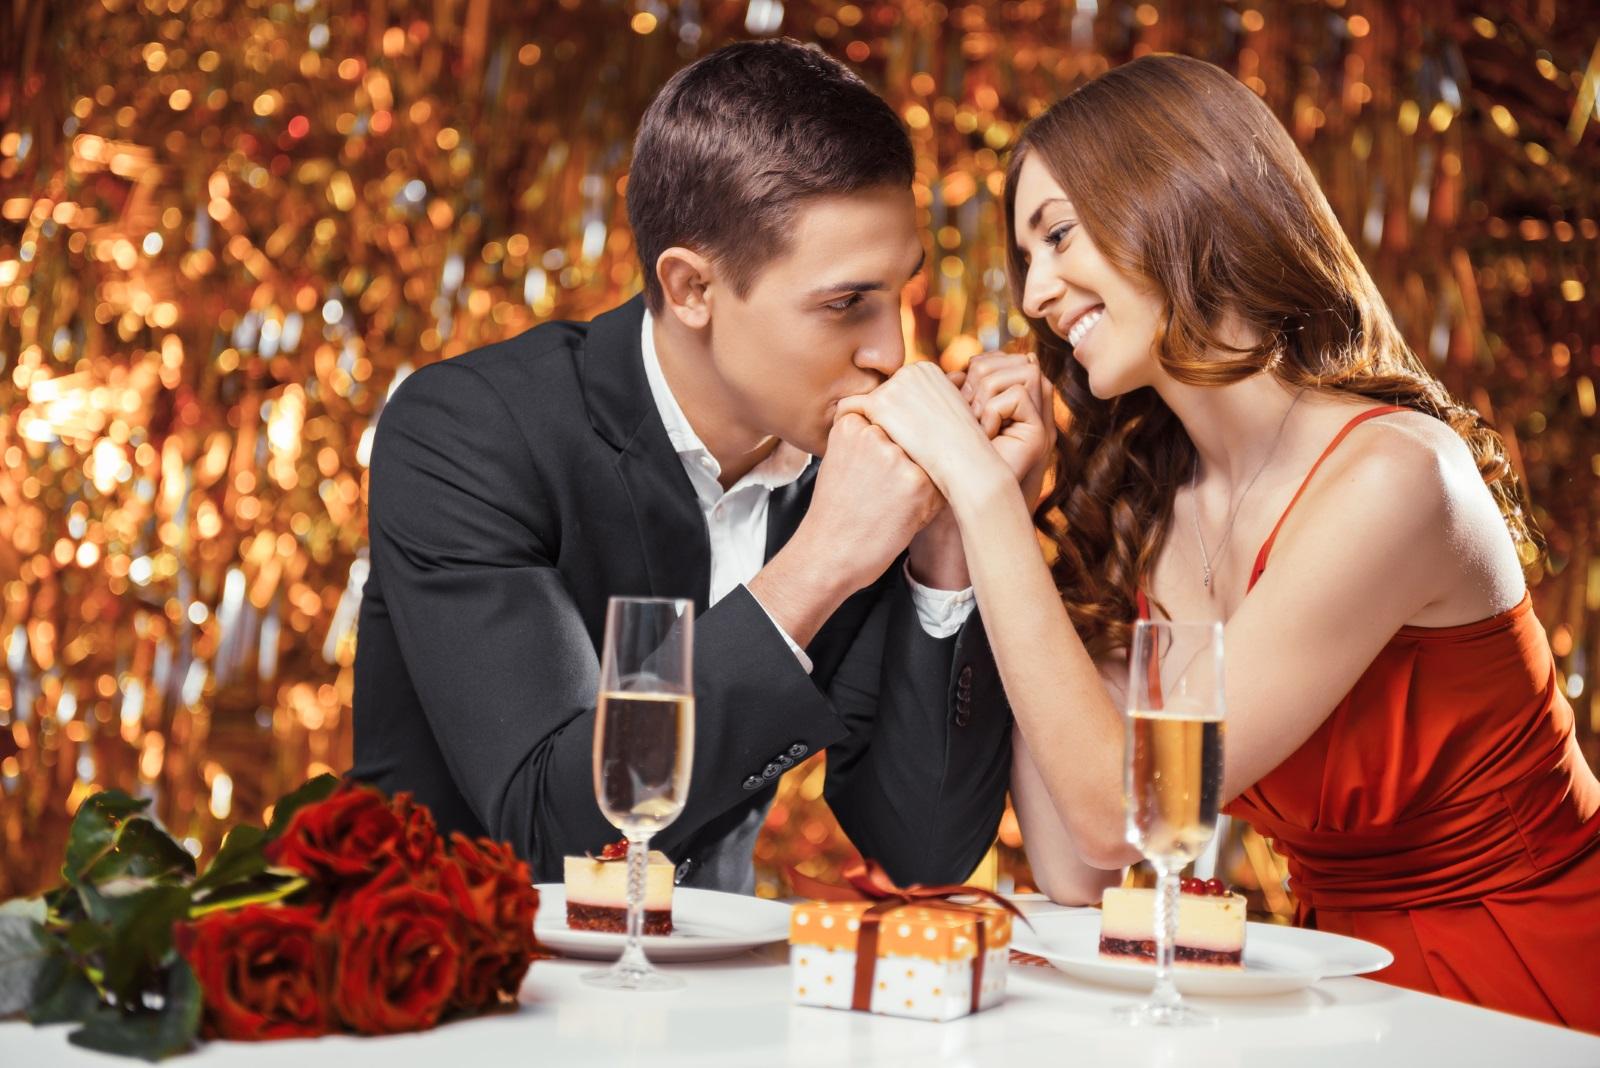 В Италия все още съществува обичай годежите на влюбените да се правят точно на този ден. Италианците обсипват трапезите си със сладки и бонбони под формата на сърца, тъй като празникът там е особено почитан и има вековна история.